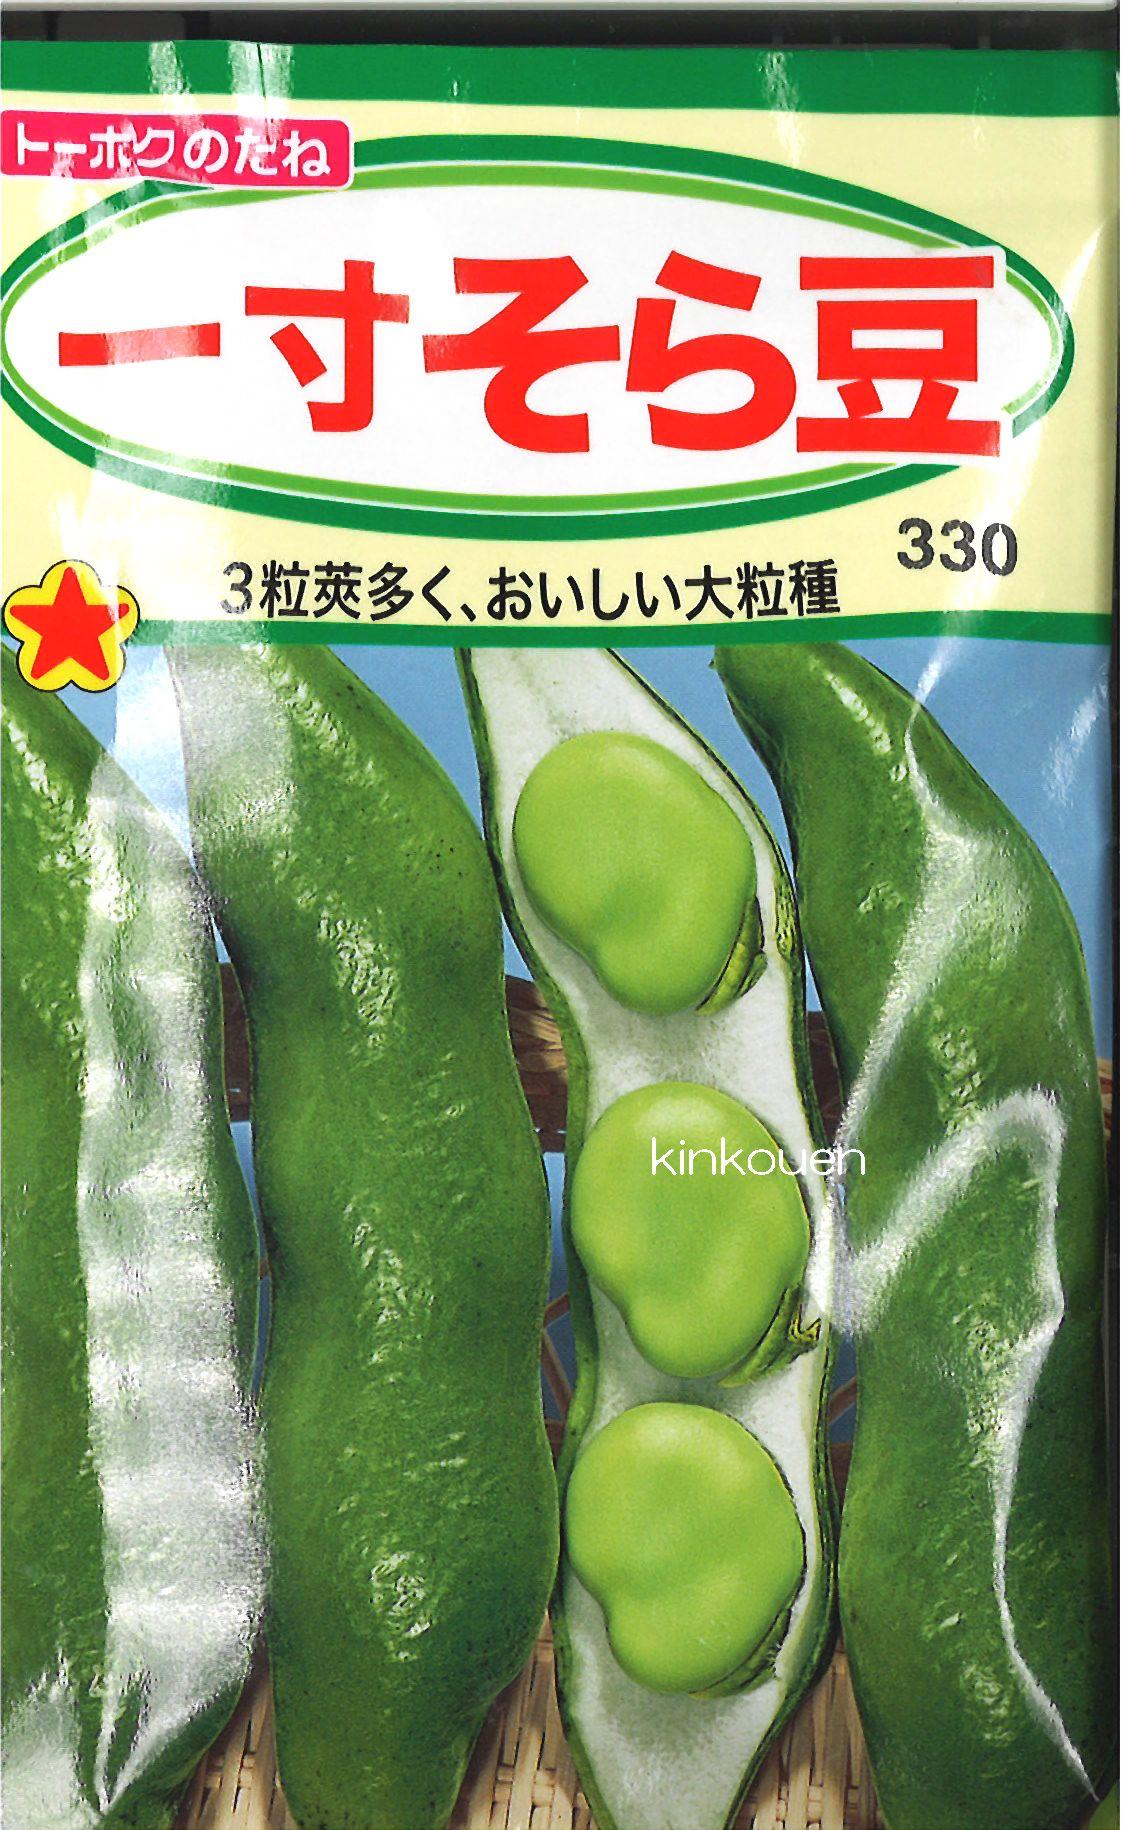 【代引不可】【5袋まで送料80円】 □一寸そら豆